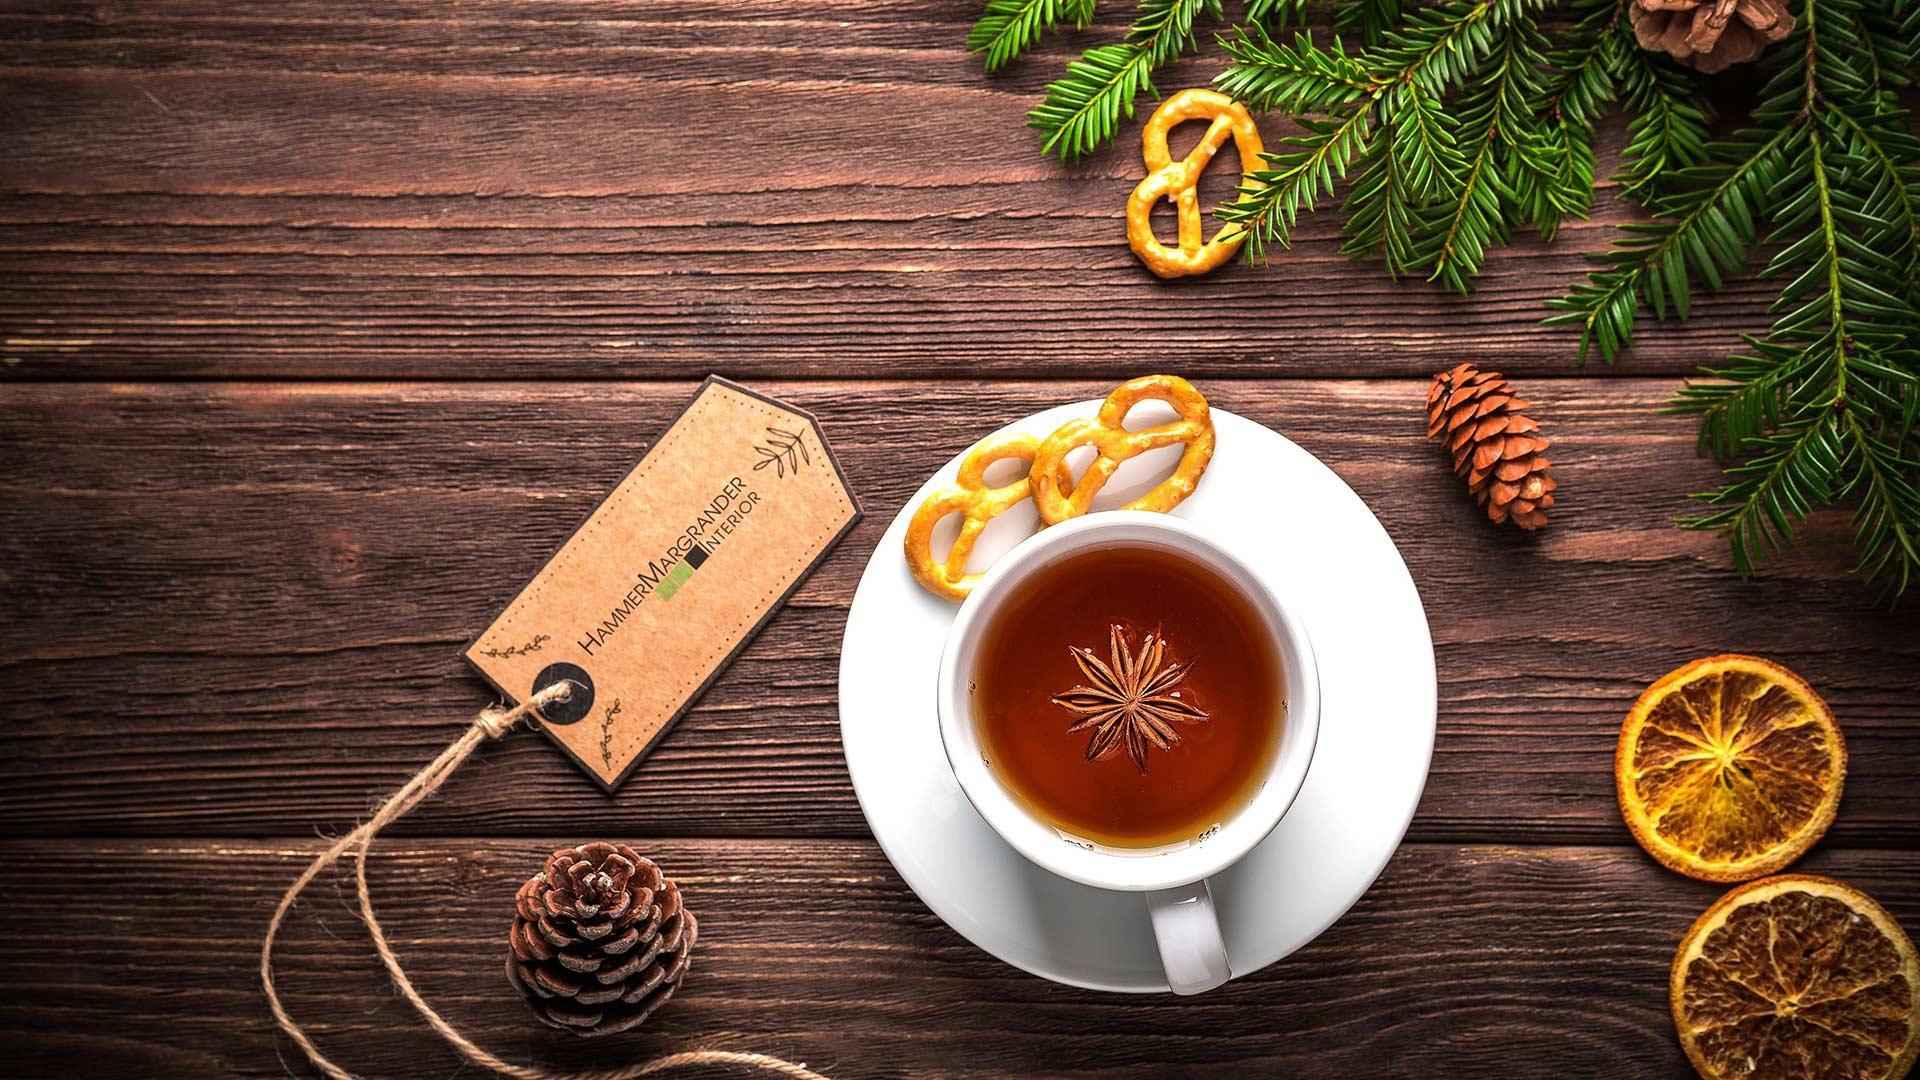 Frohe Weihnachten und ein erfolgreiches neues Jahr wünscht Ihnen ...